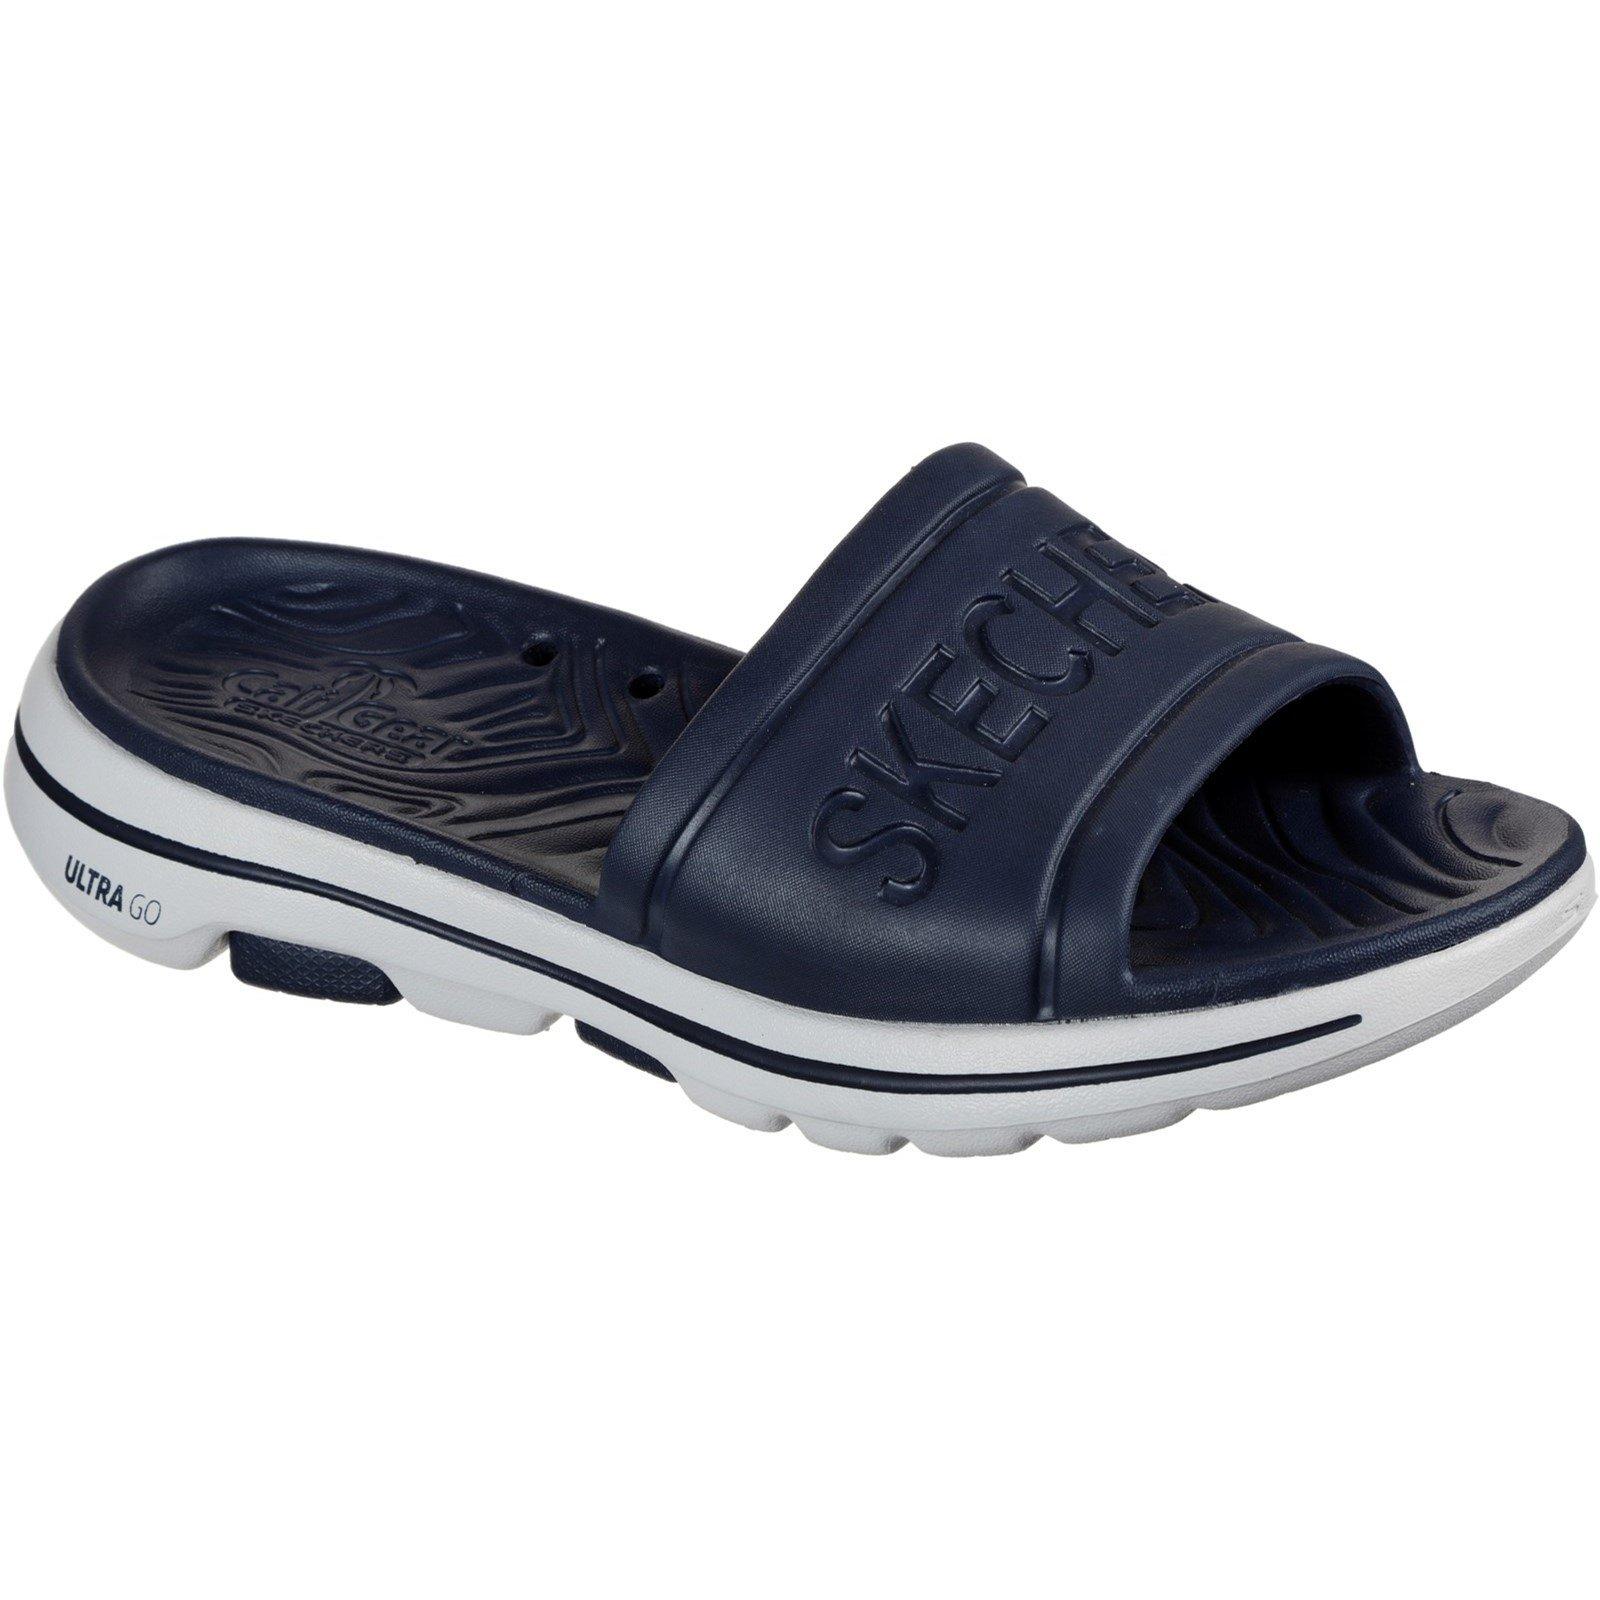 Skechers Men's Go Walk 5 Surfs Out Summer Sandal Various Colours 32207 - Navy 7